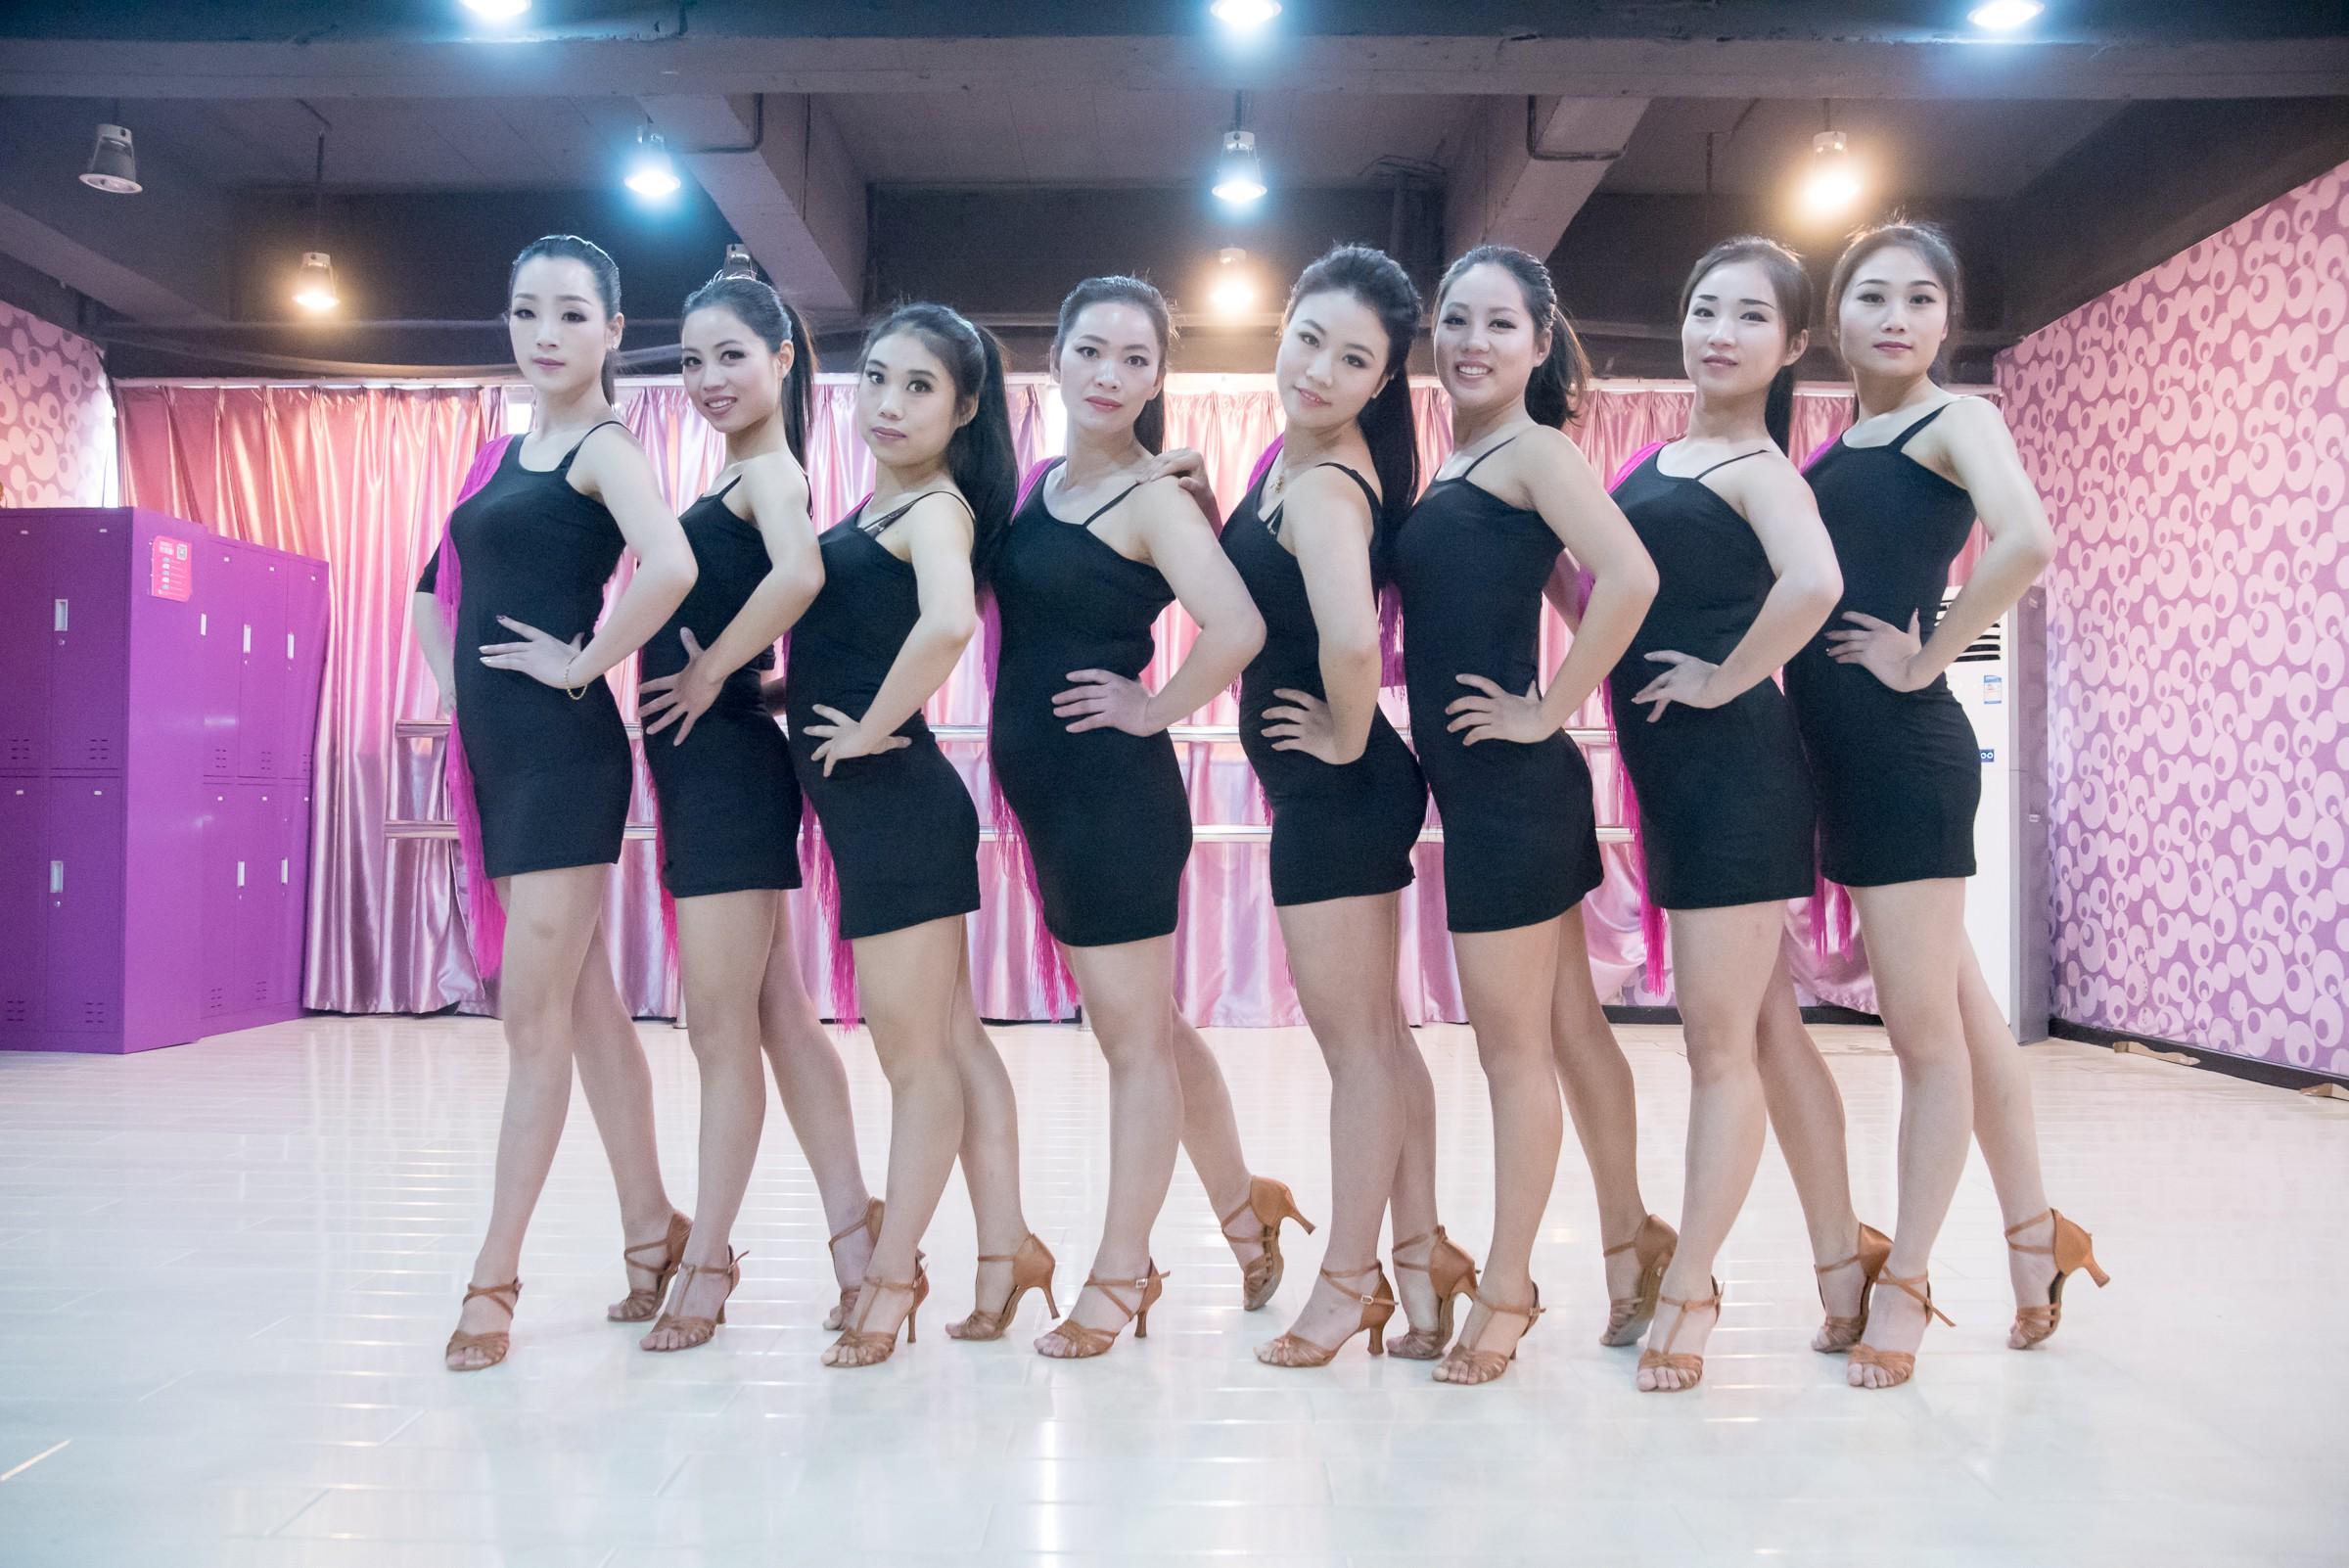 【武汉拉丁舞培训】练习摩登舞的最佳方法